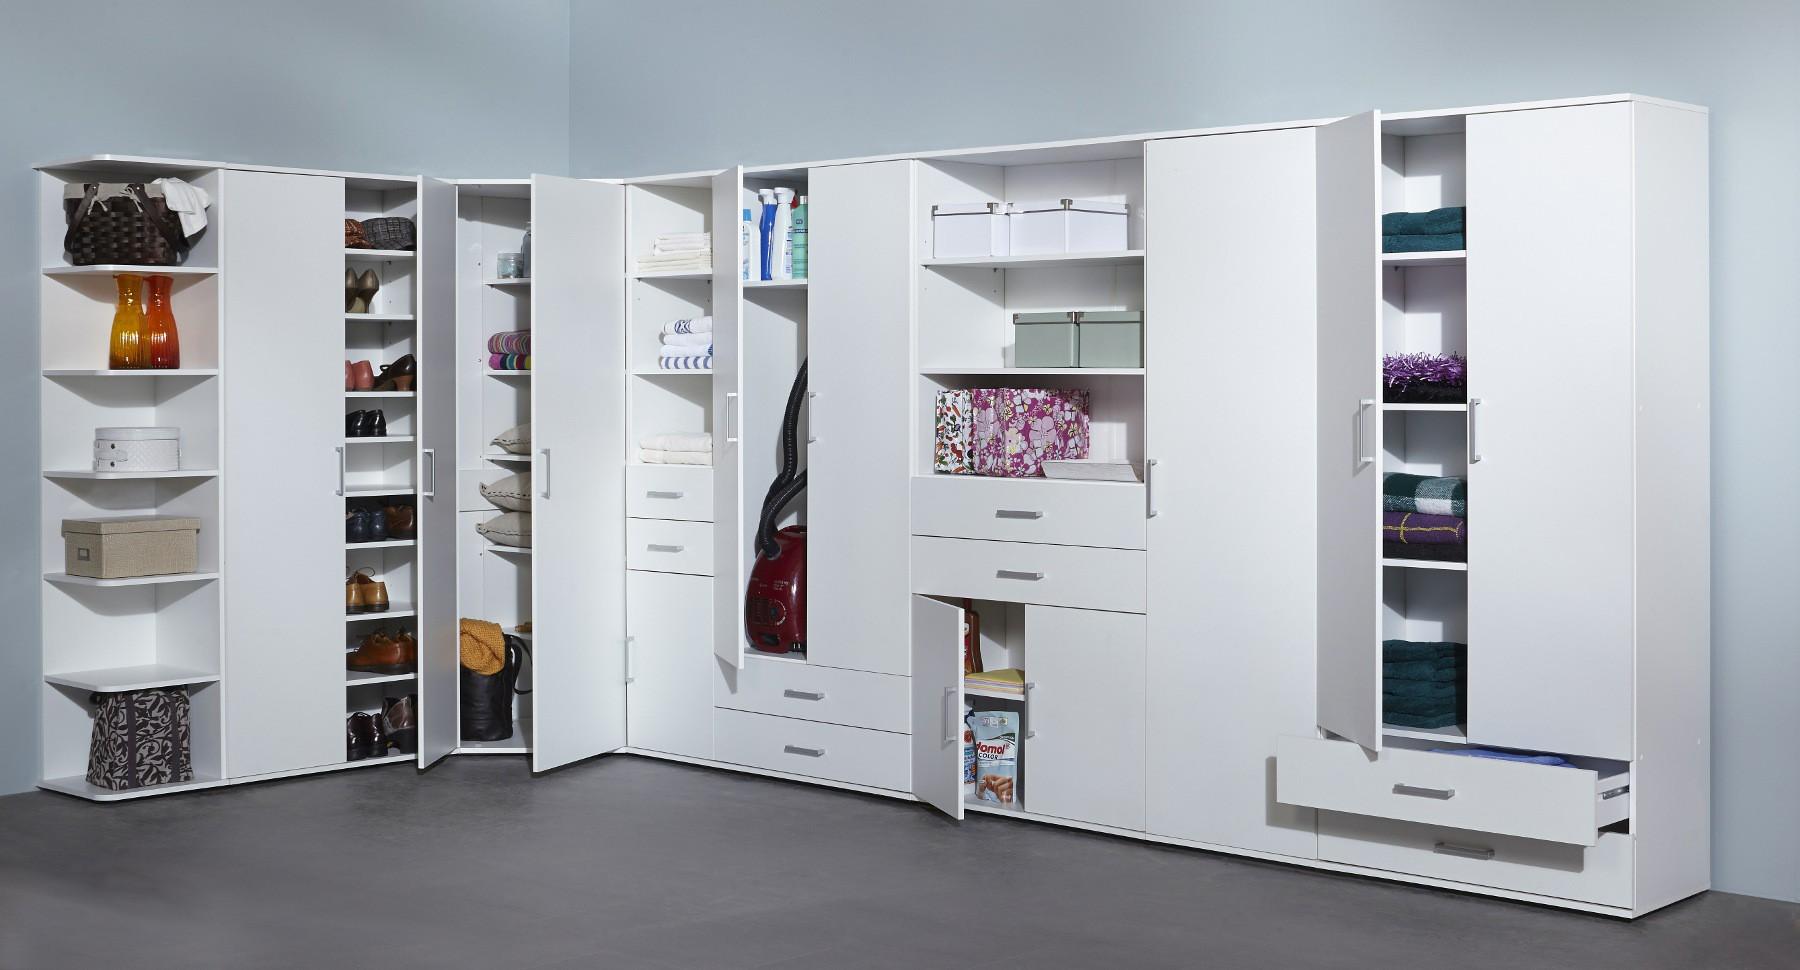 M bel hauswirtschaftsraum badezimmer schlafzimmer - Hauswirtschaftsraum mobel ...